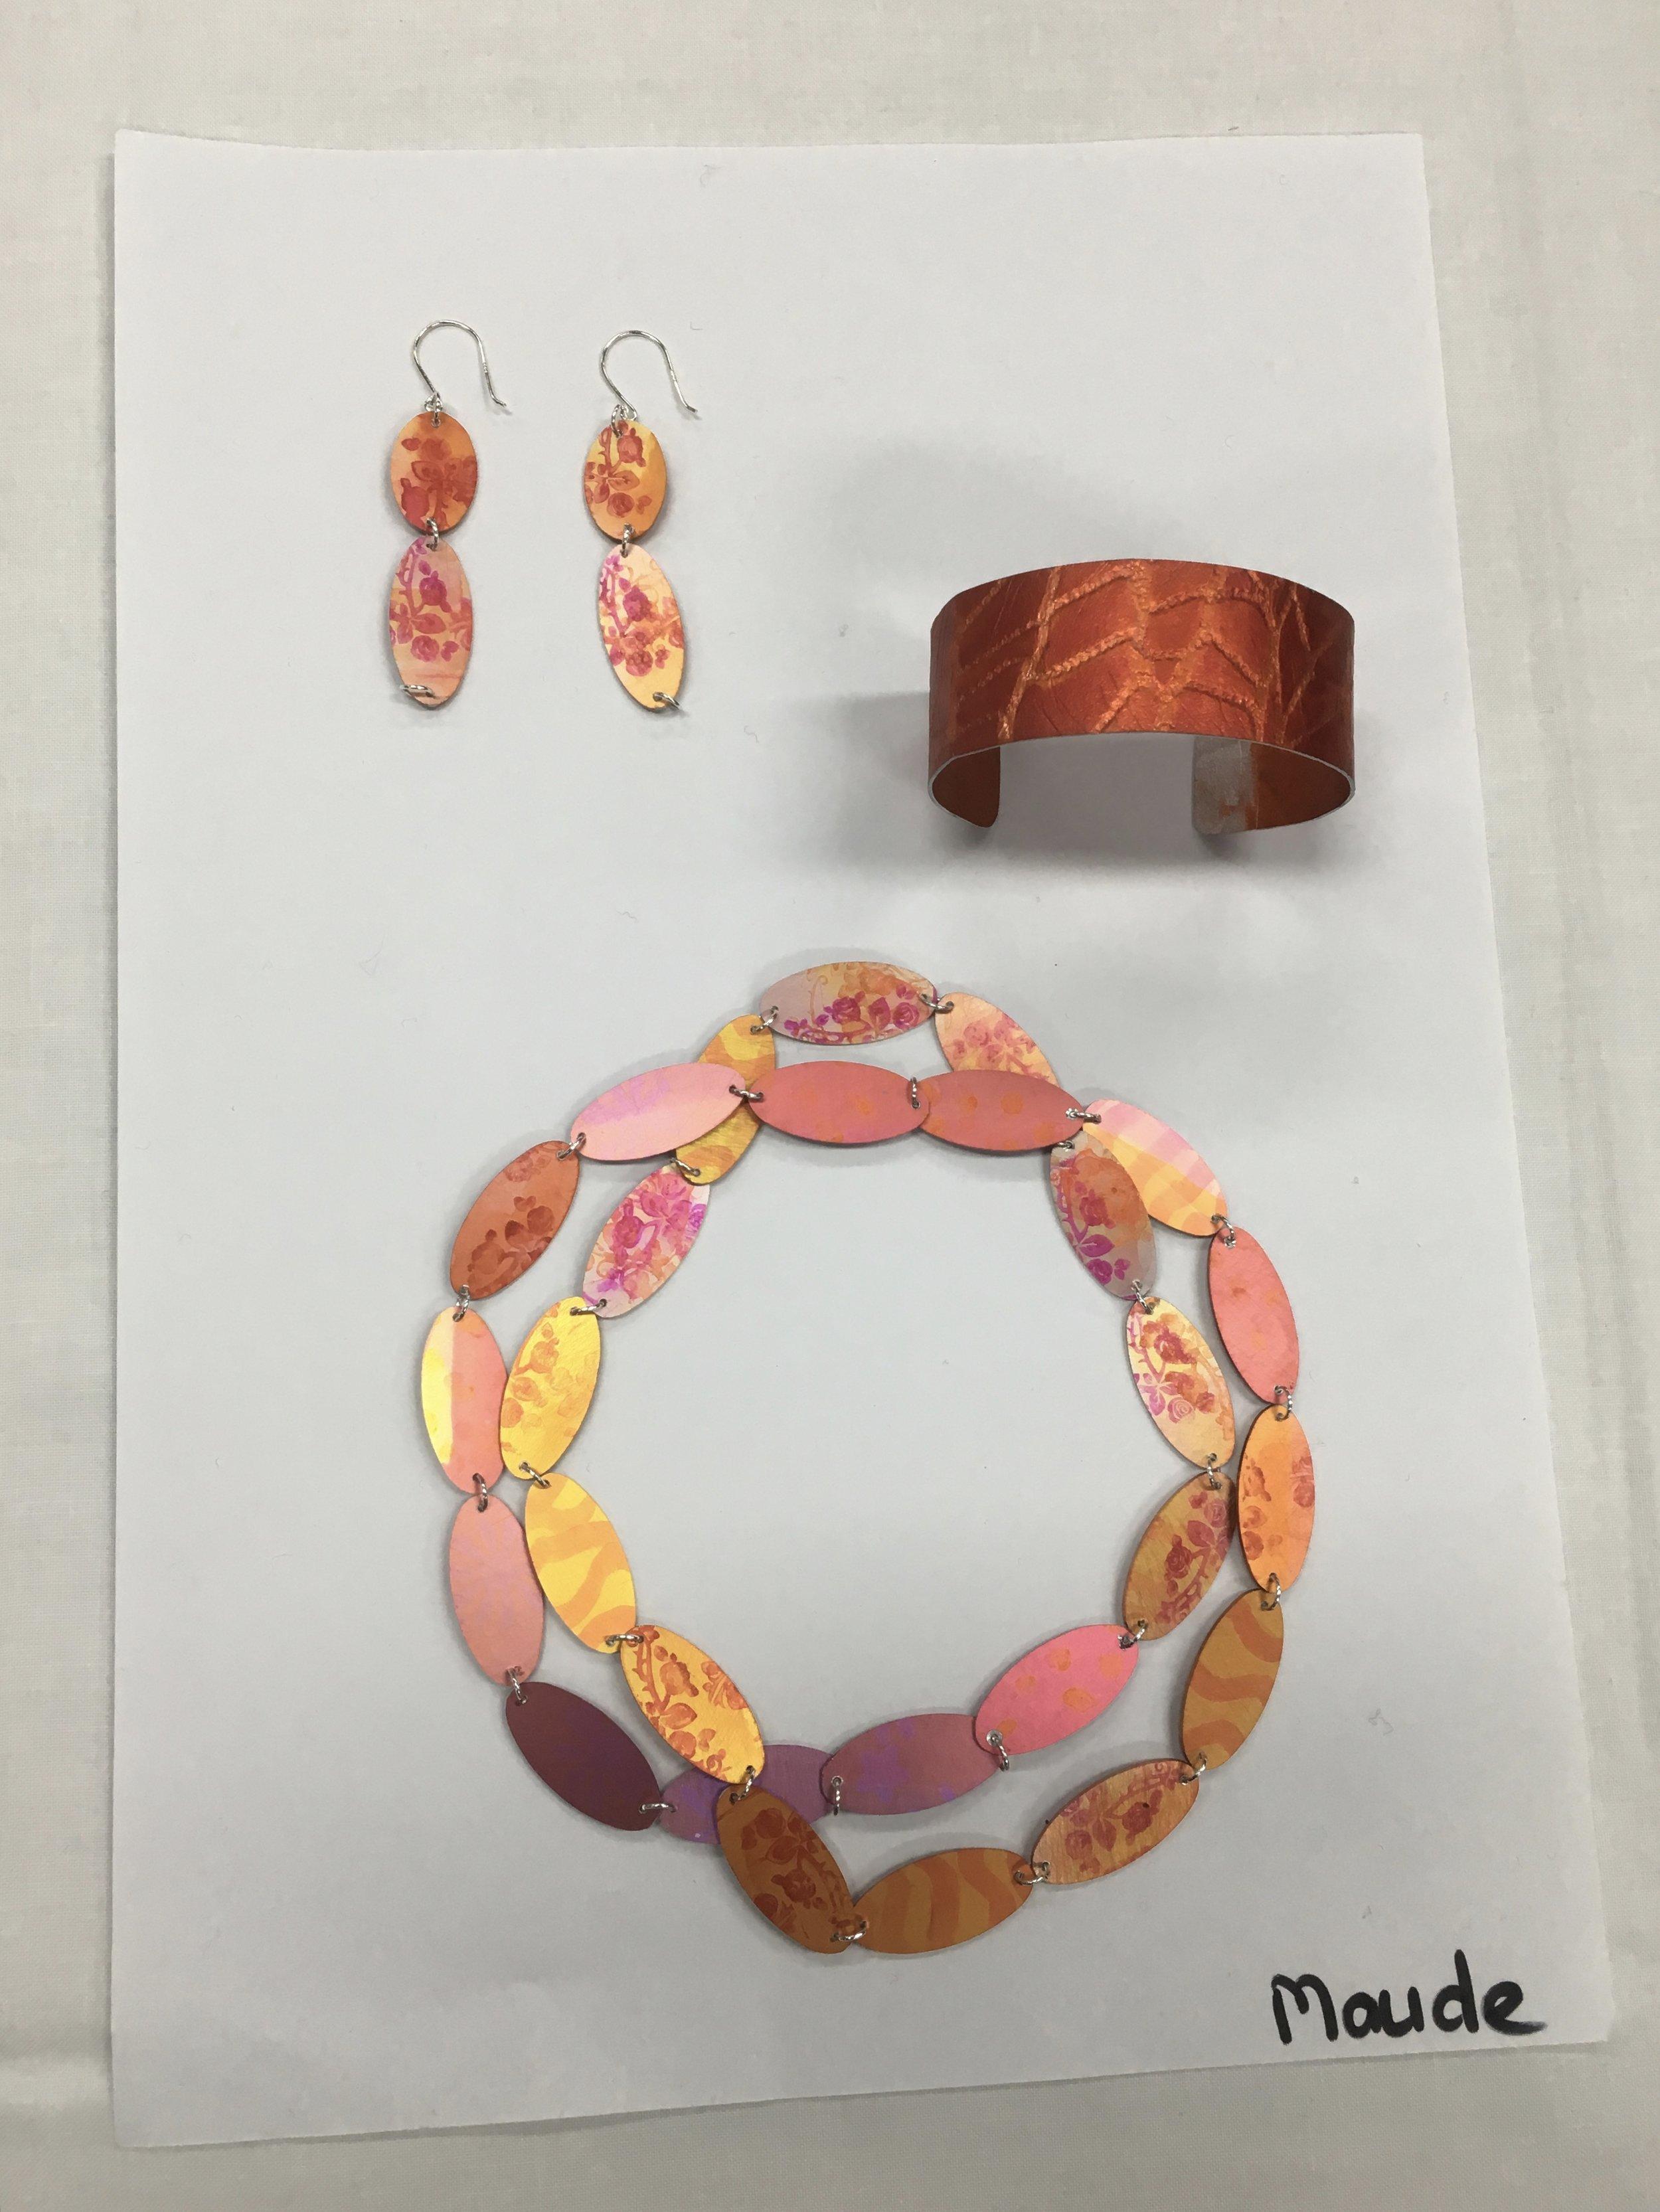 Work made in Meghan O'Rourke's Jewellery Workshop, Ballarat